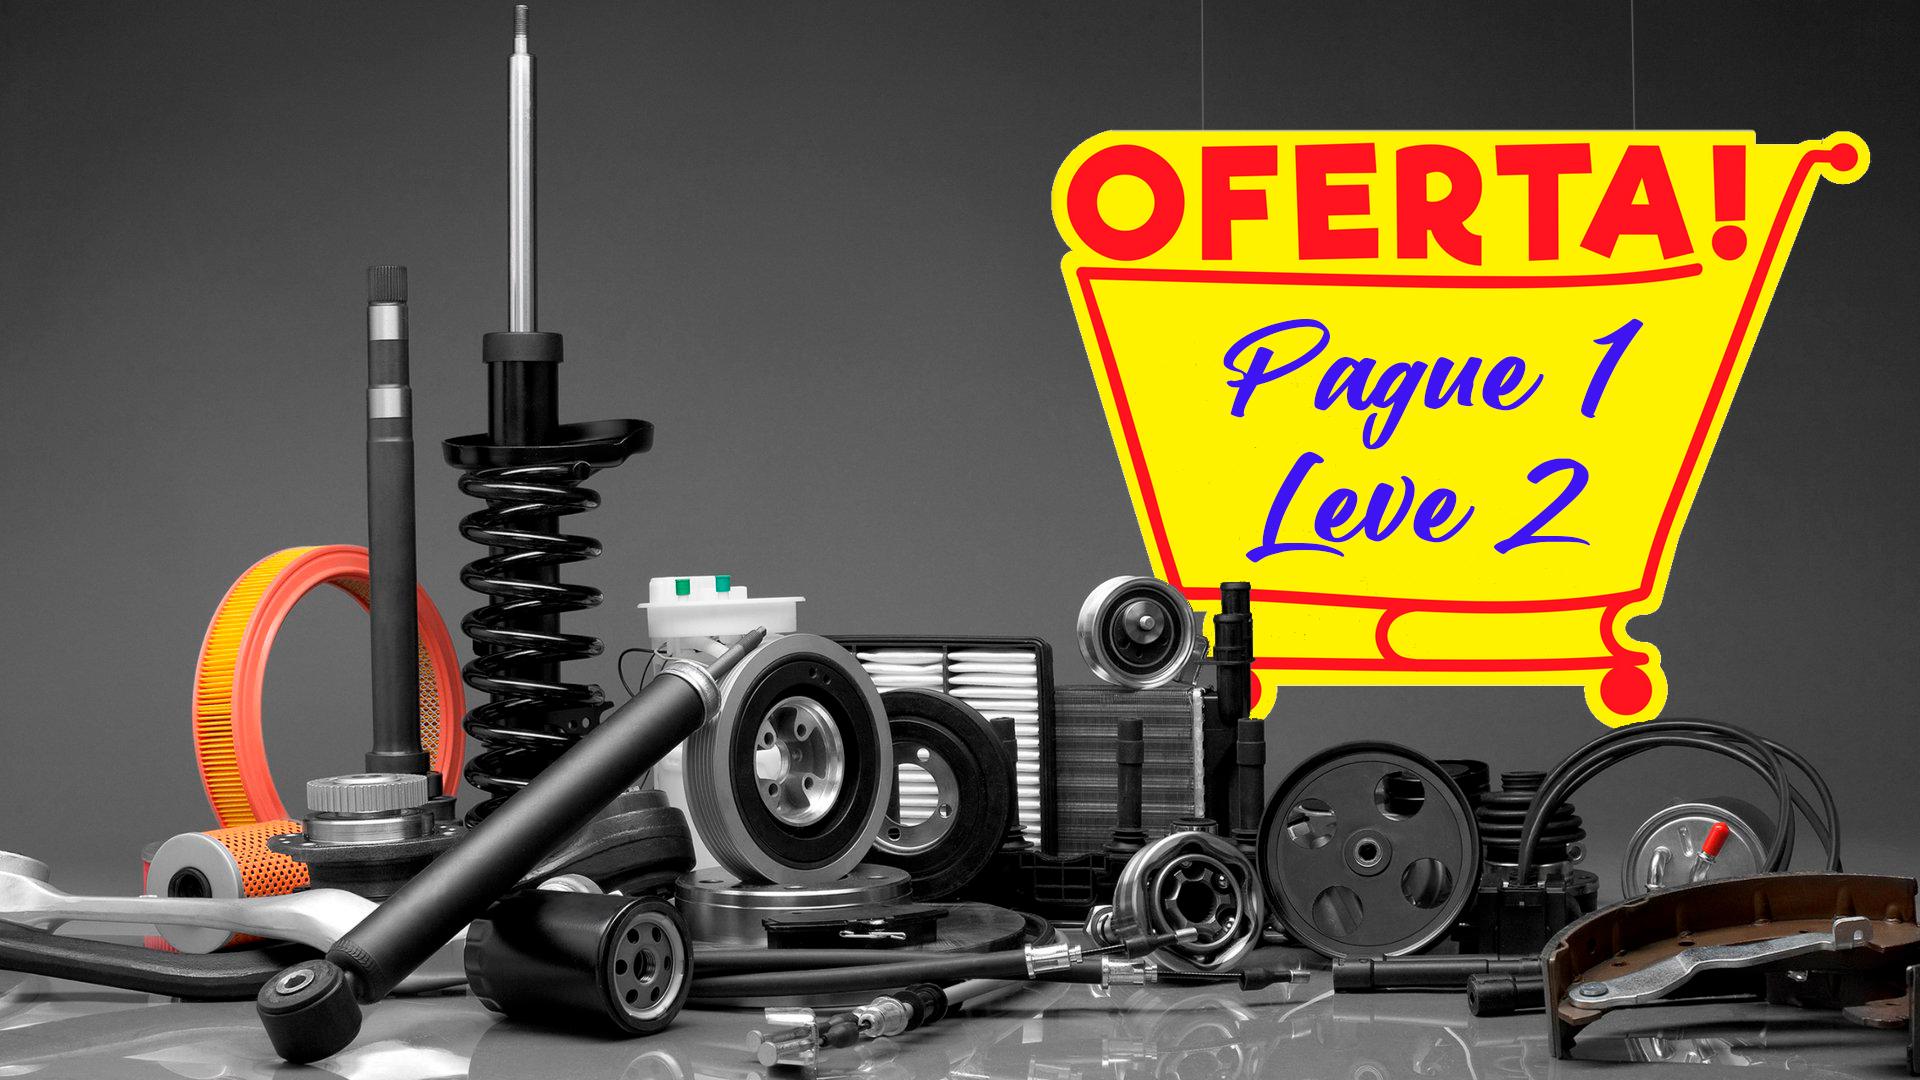 Atente-se a peças de carro com preços muito baixos. Pode ser uma furada